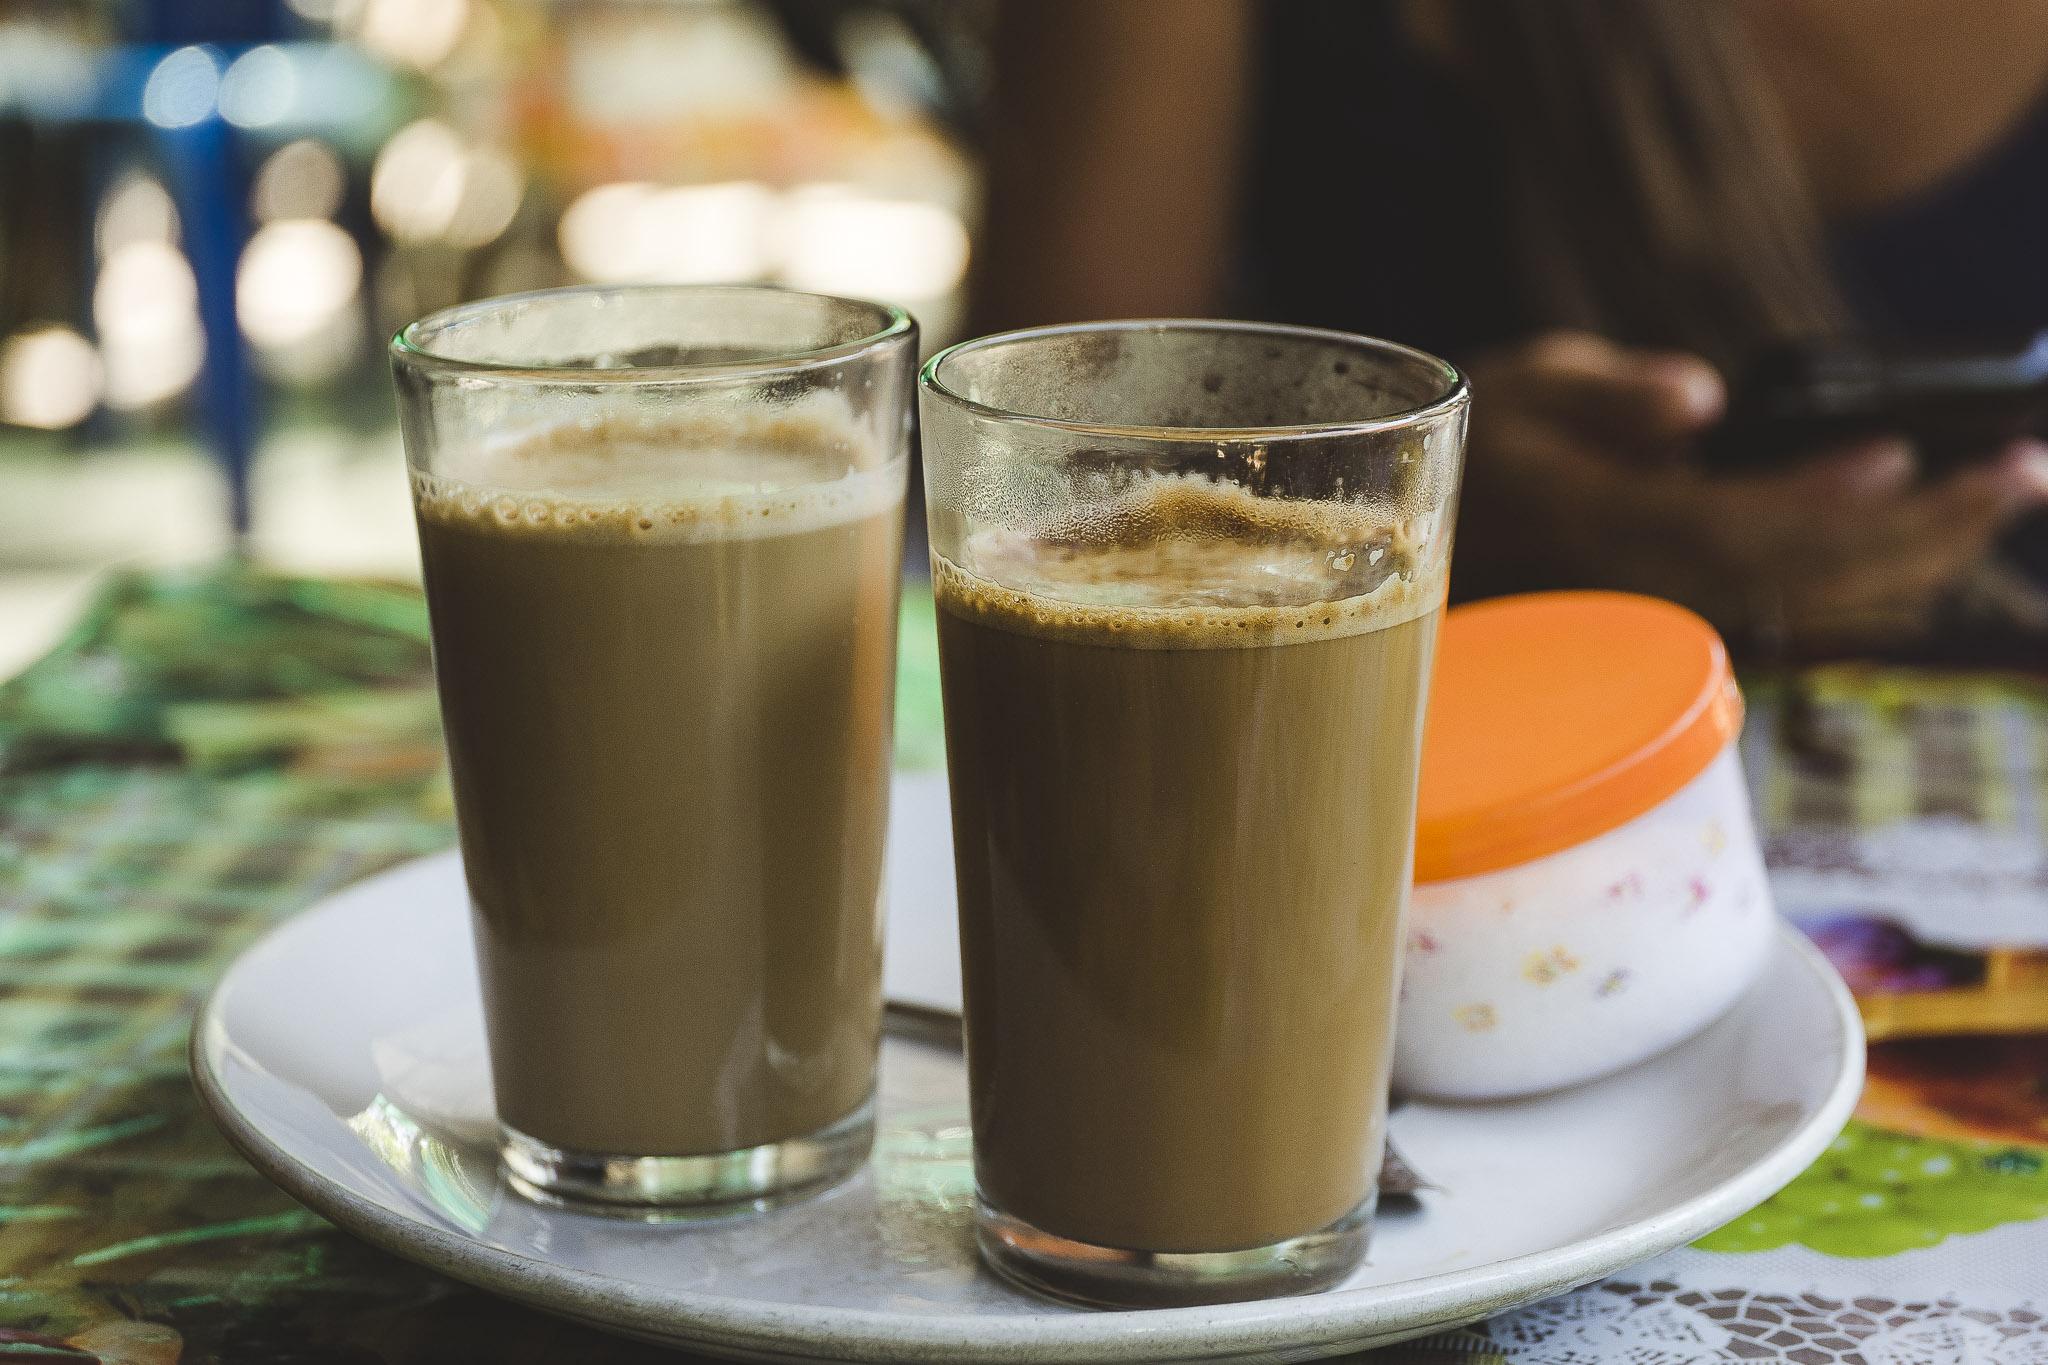 najsmaczniejsza kawa w oldskulowych szklaneczkach